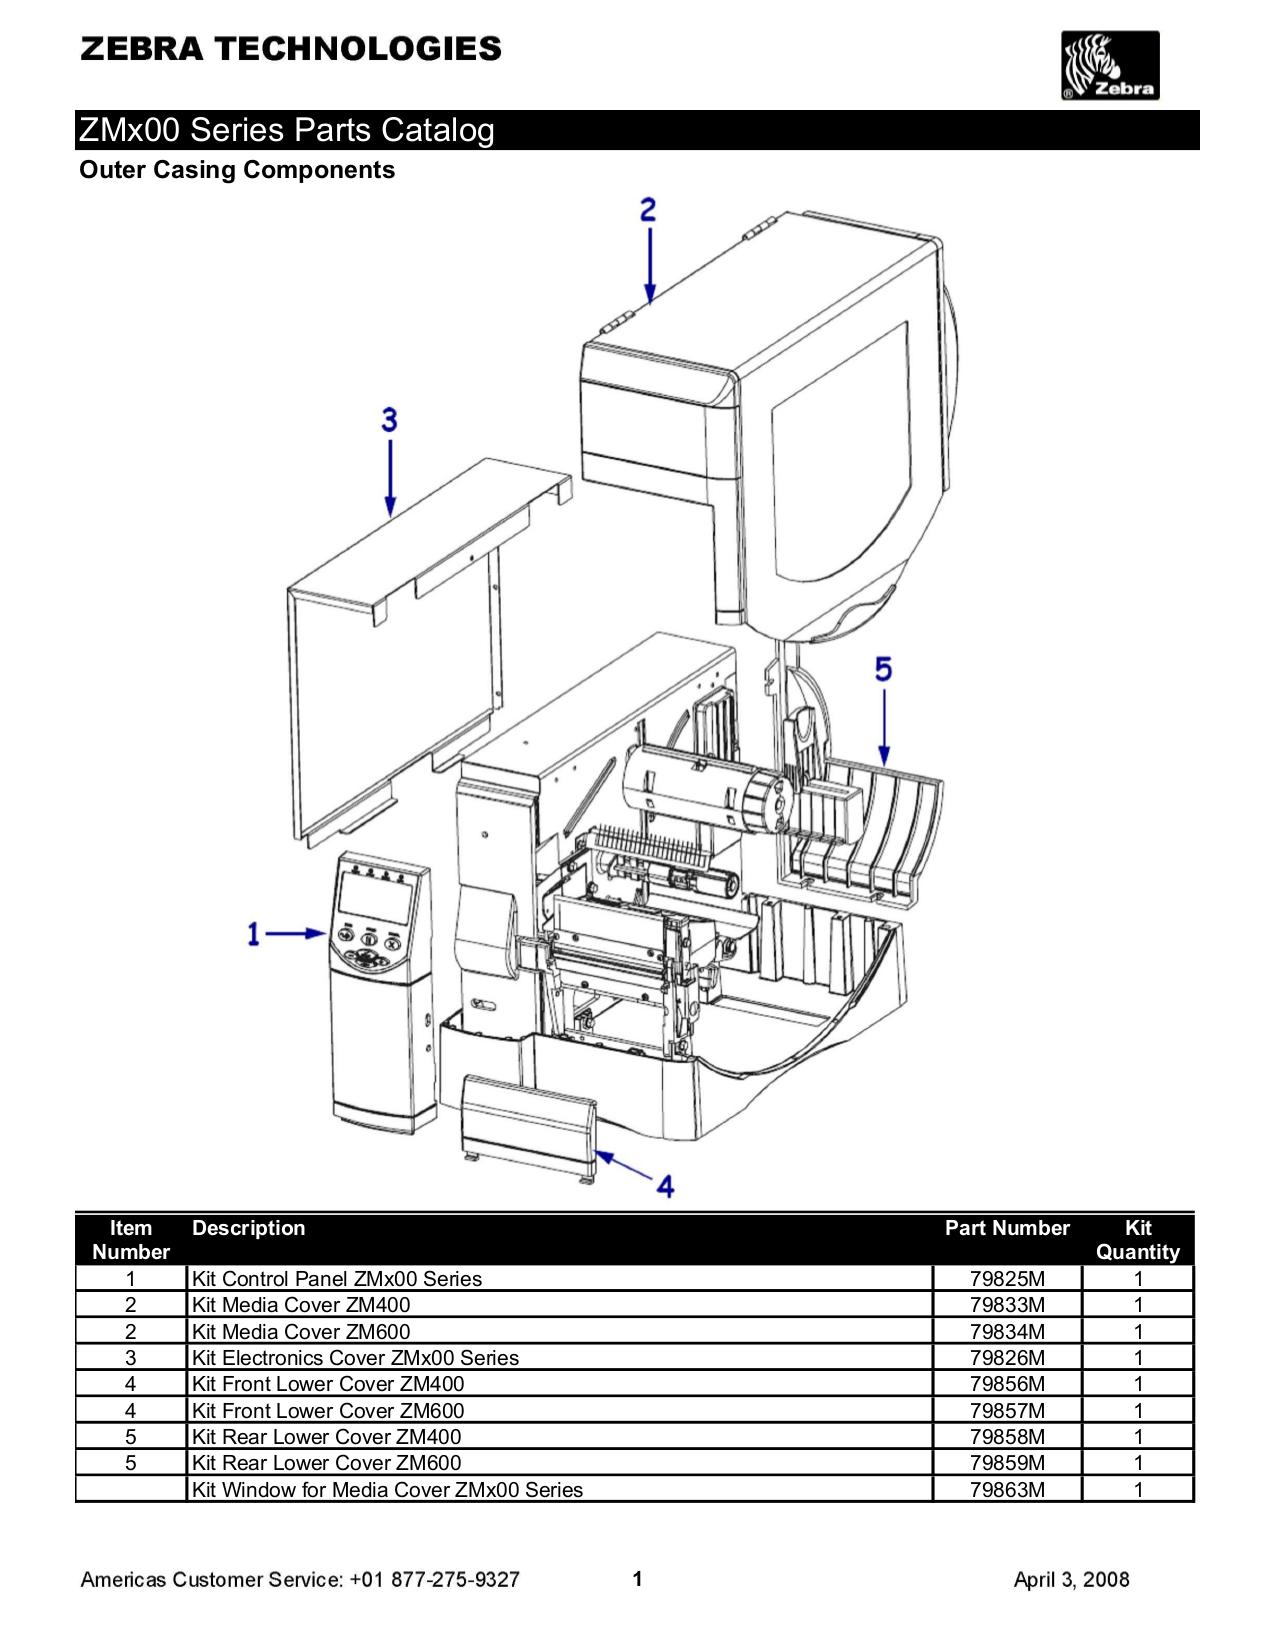 zebra zm600 manual daily instruction manual guides u2022 rh testingwordpress co Zebra ZM600 User Manual Zebra GK420t Parts